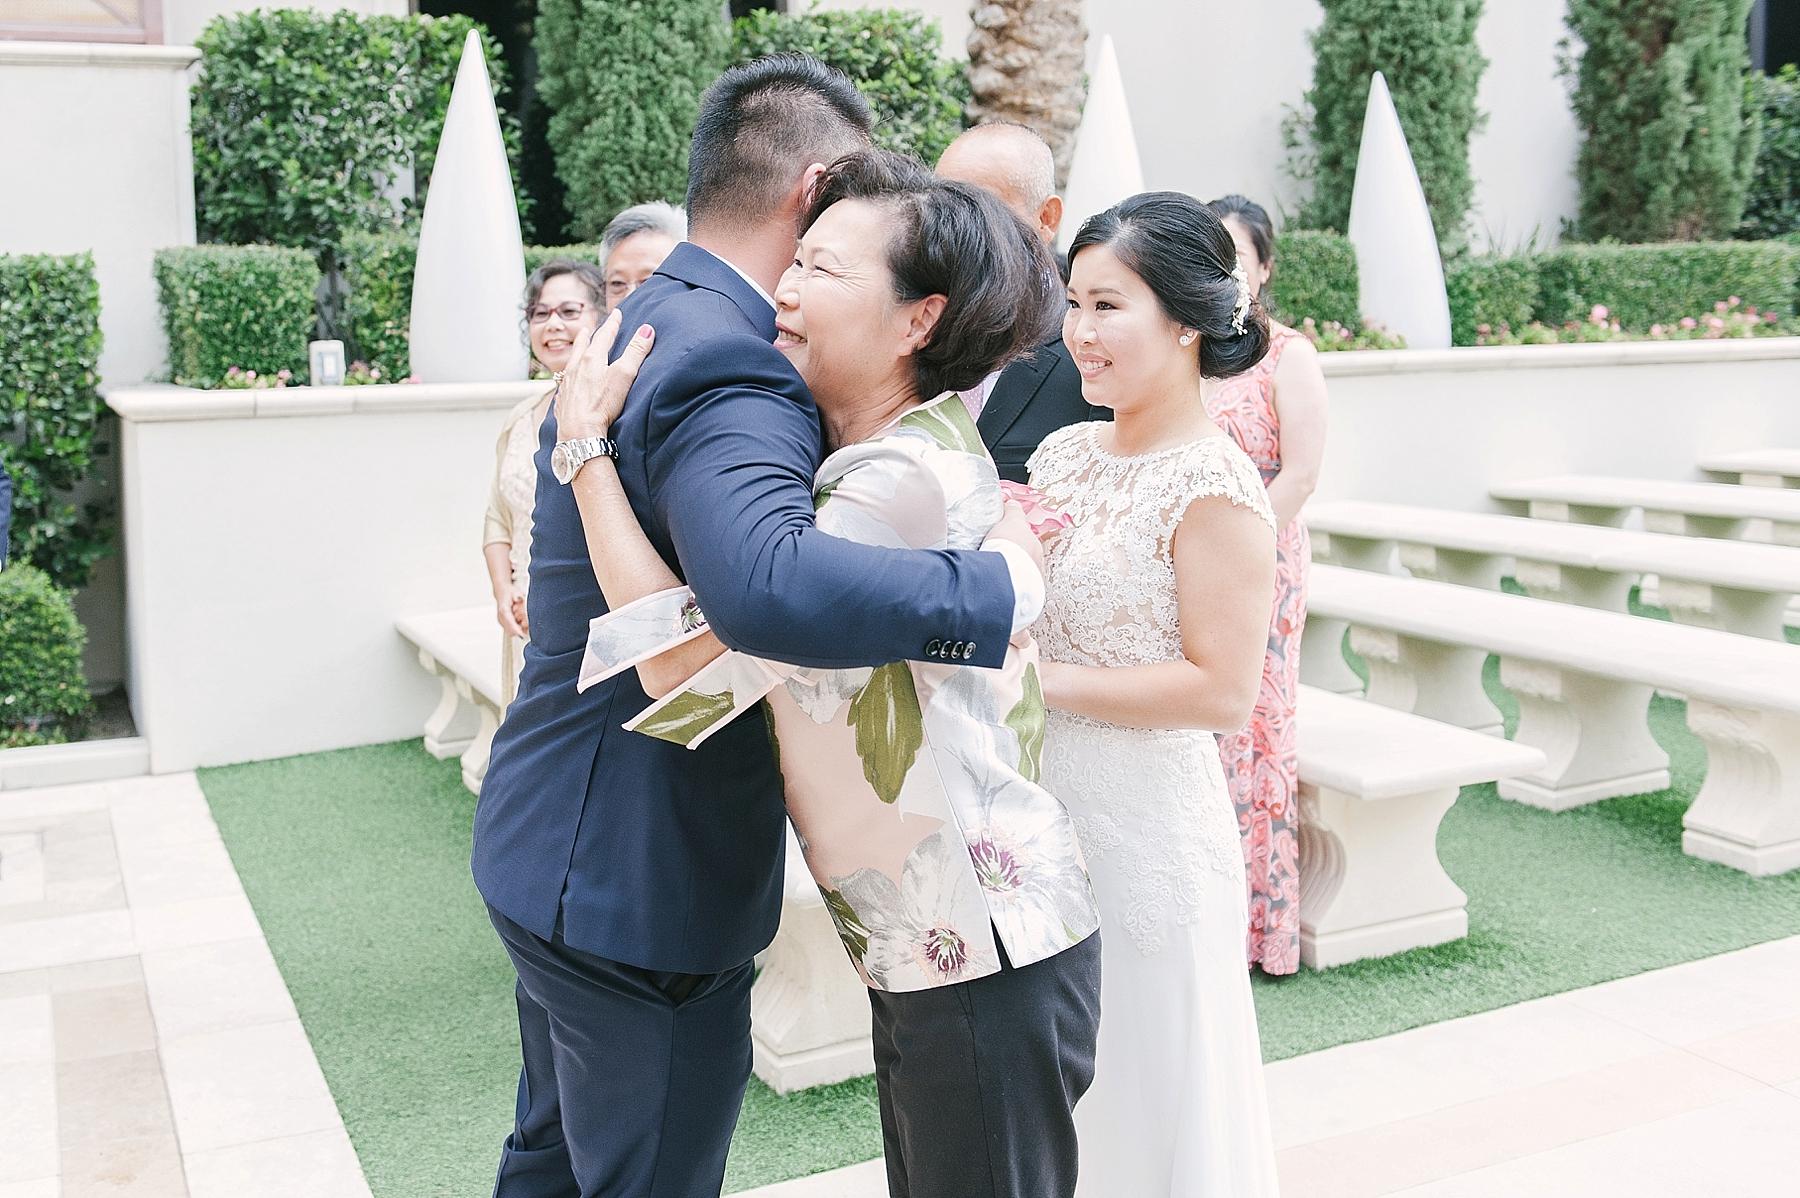 caesars_palace_wedding_las_vegas-23.jpg